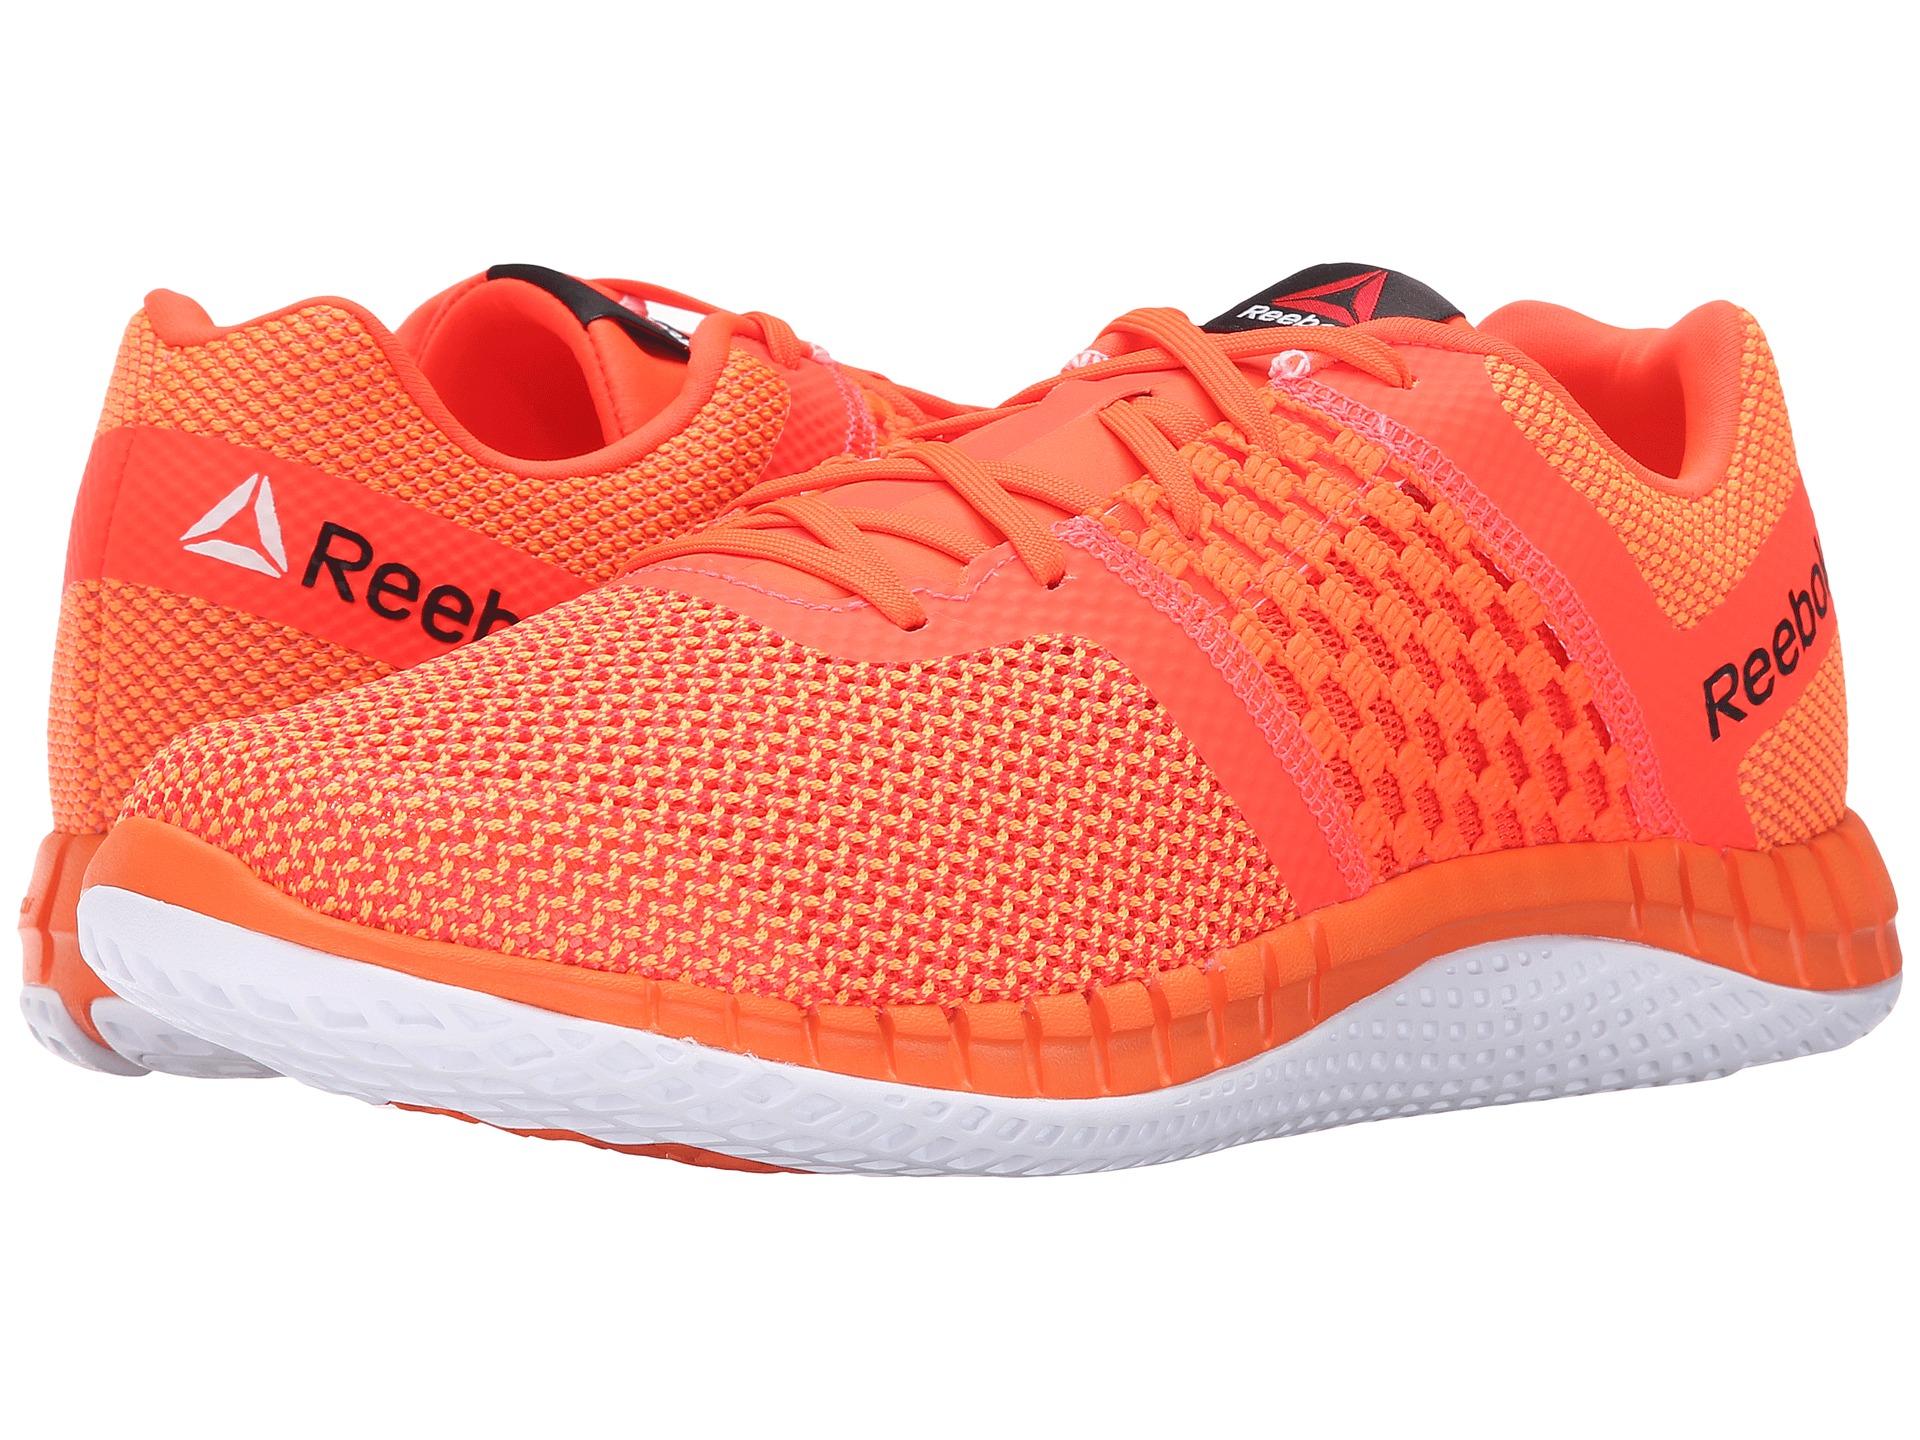 12971fee9712 Reebok Zprint Run in Red for Men - Lyst